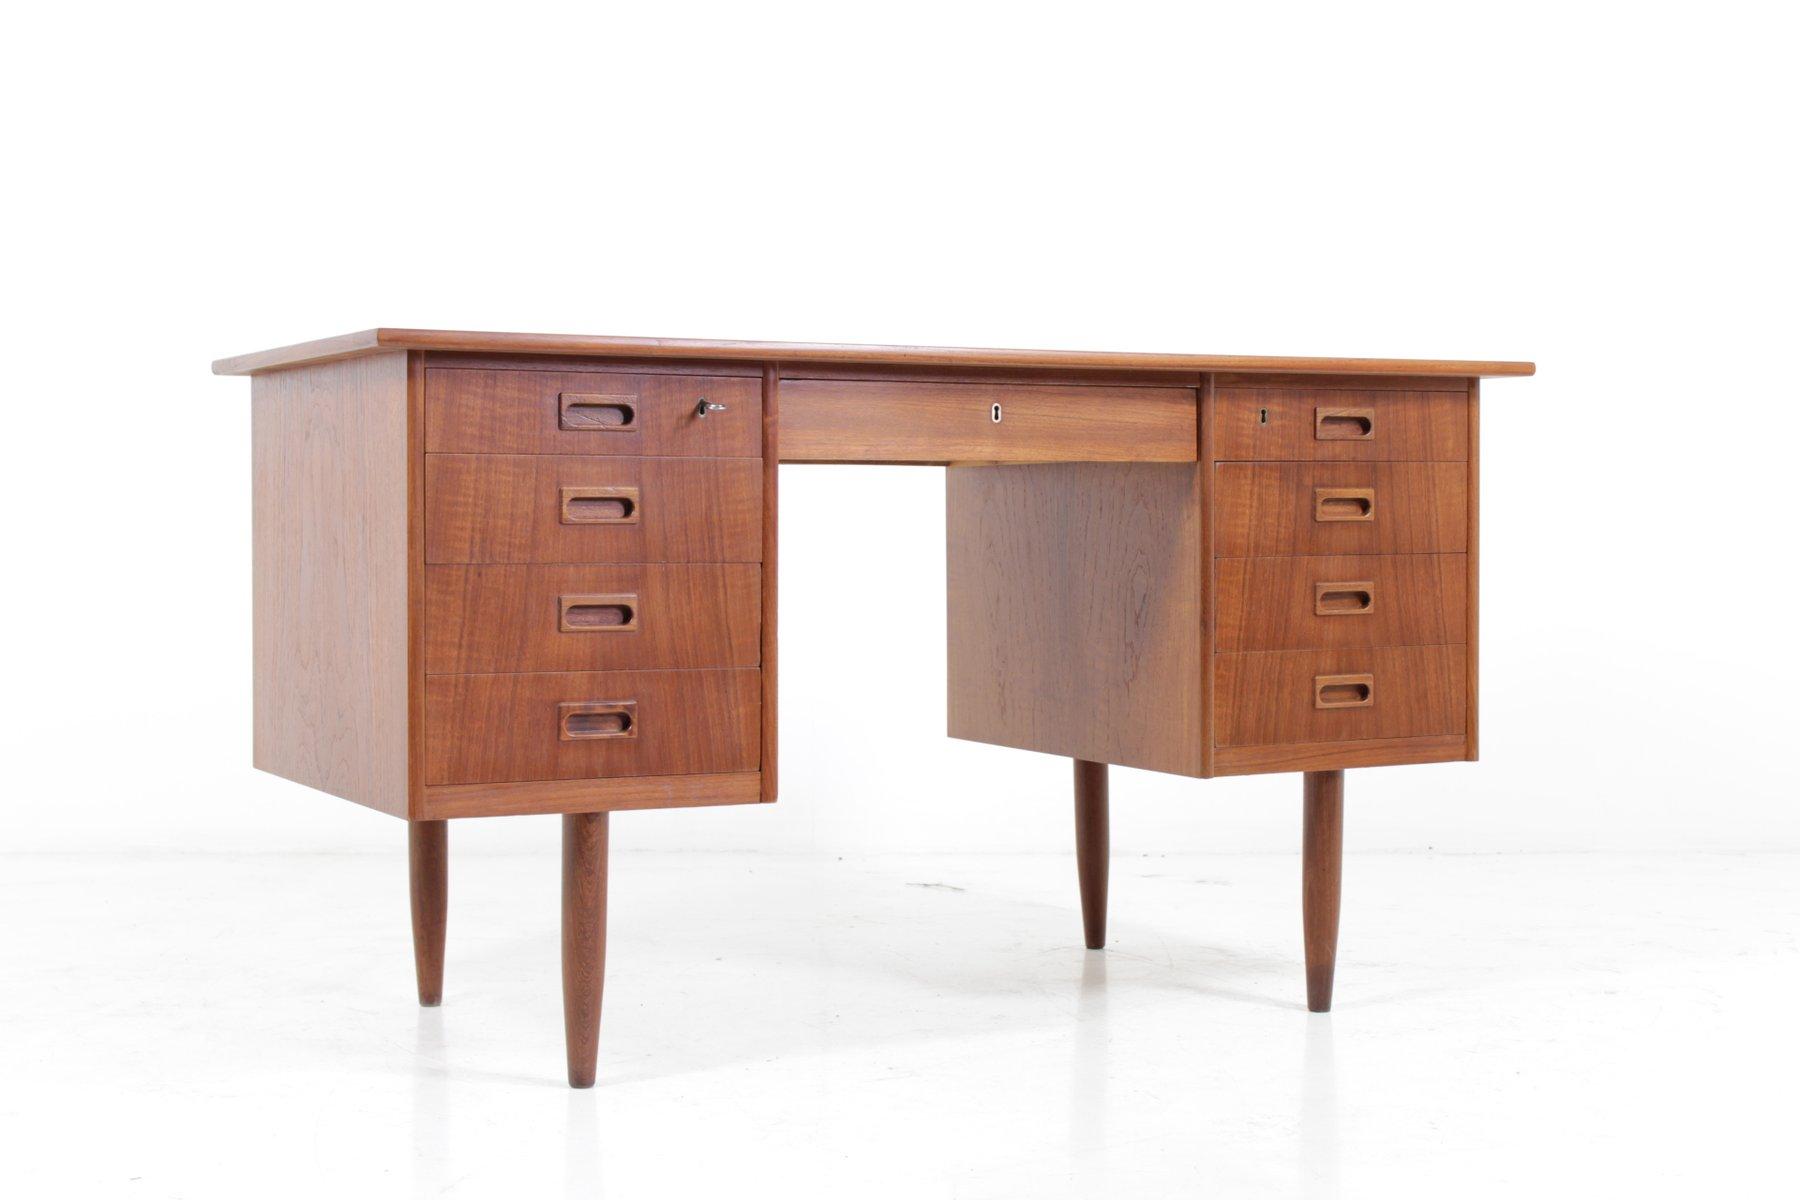 bureau mid century en teck danemark 1960s en vente sur pamono. Black Bedroom Furniture Sets. Home Design Ideas